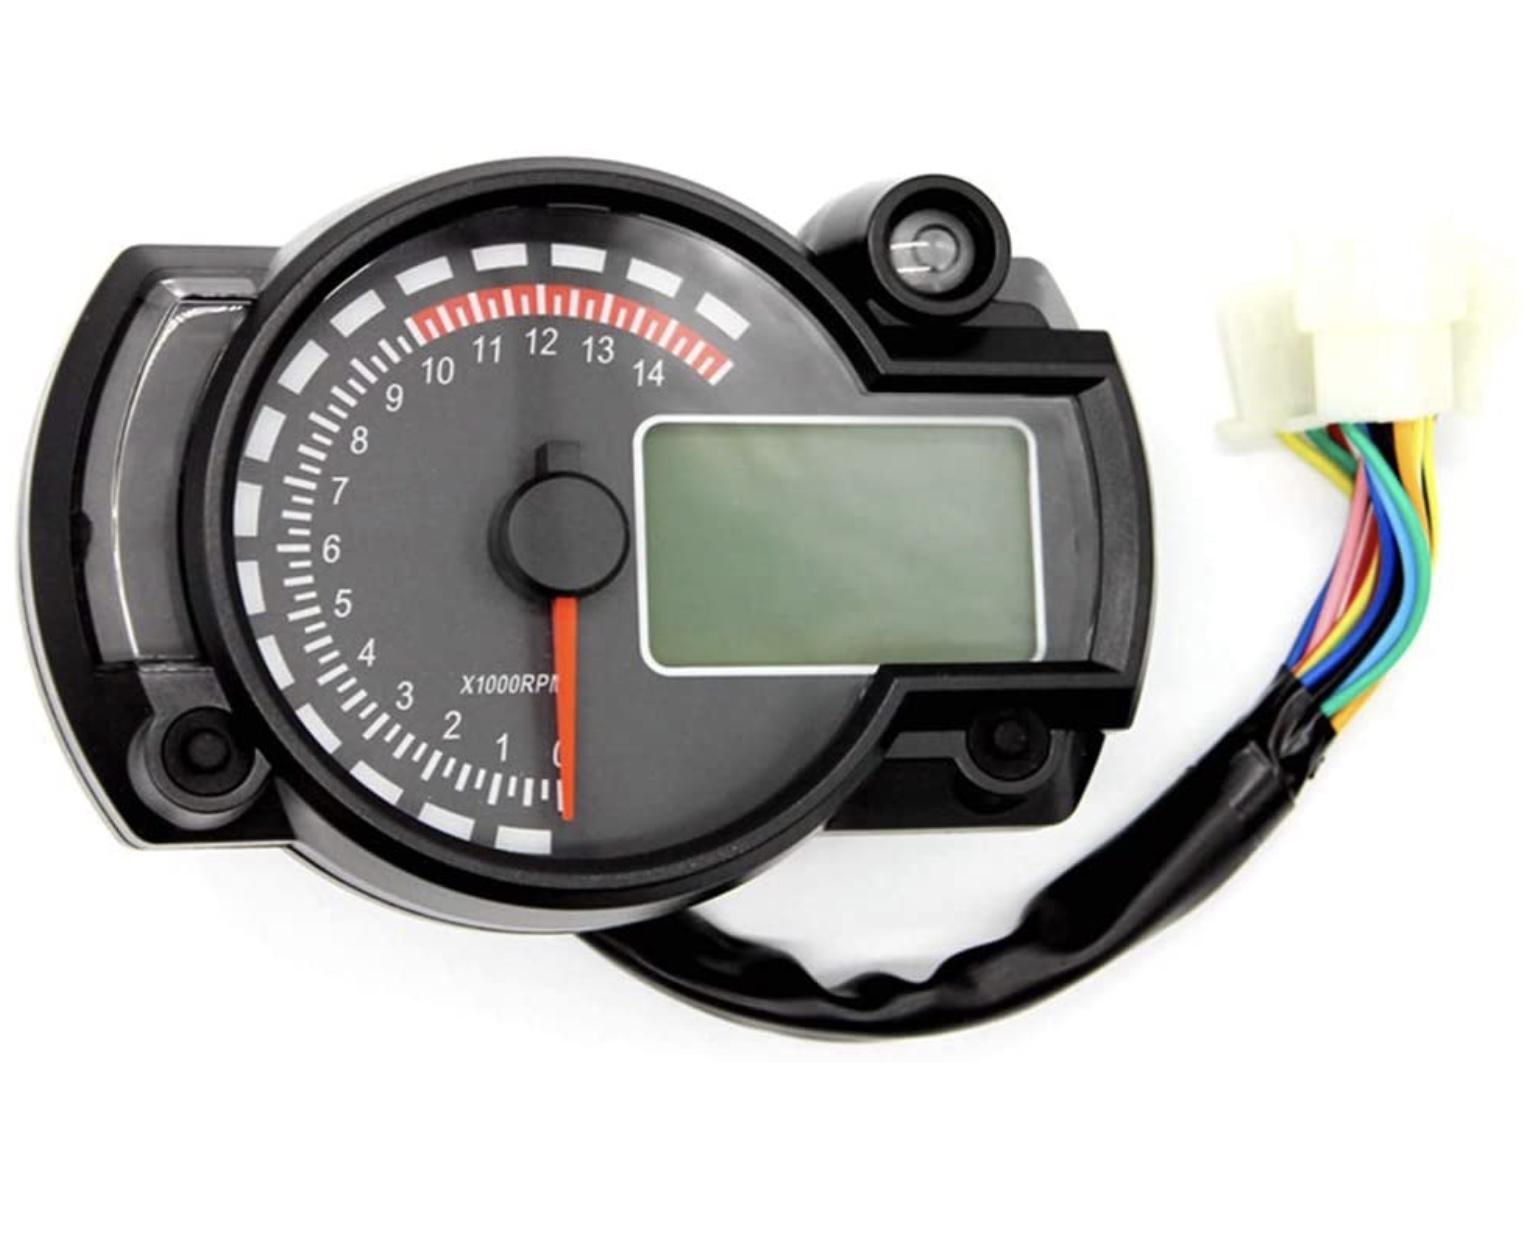 Velocimetro de moto